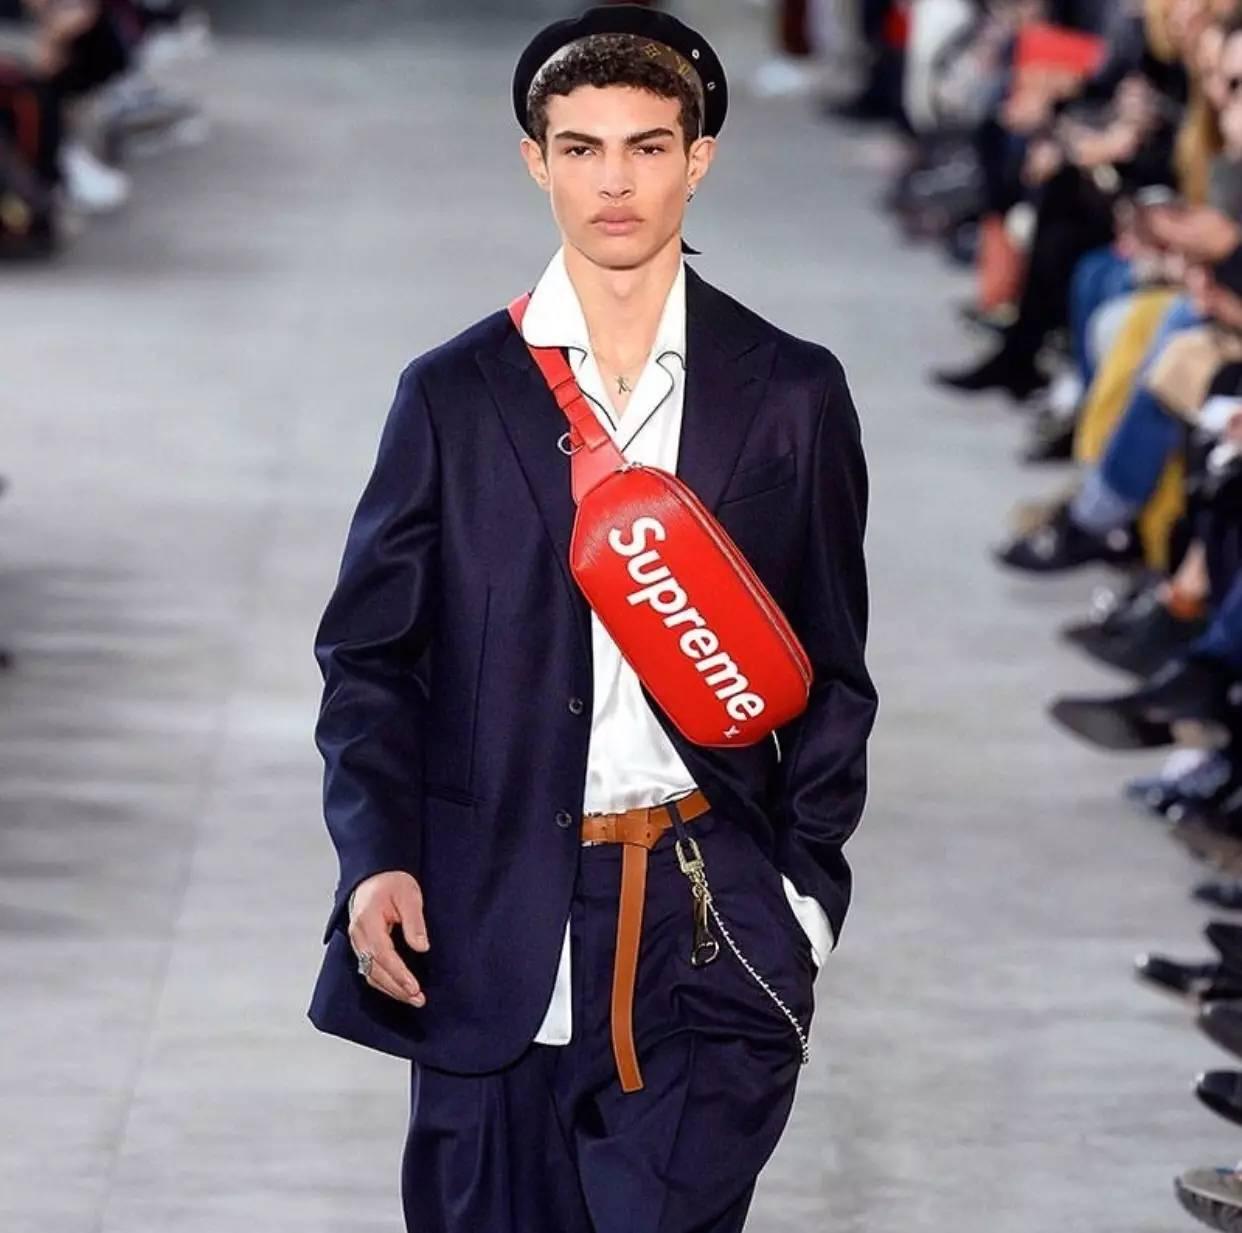 男人背小包真的就很娘吗?男士也很流行背小包 男士时尚 图27